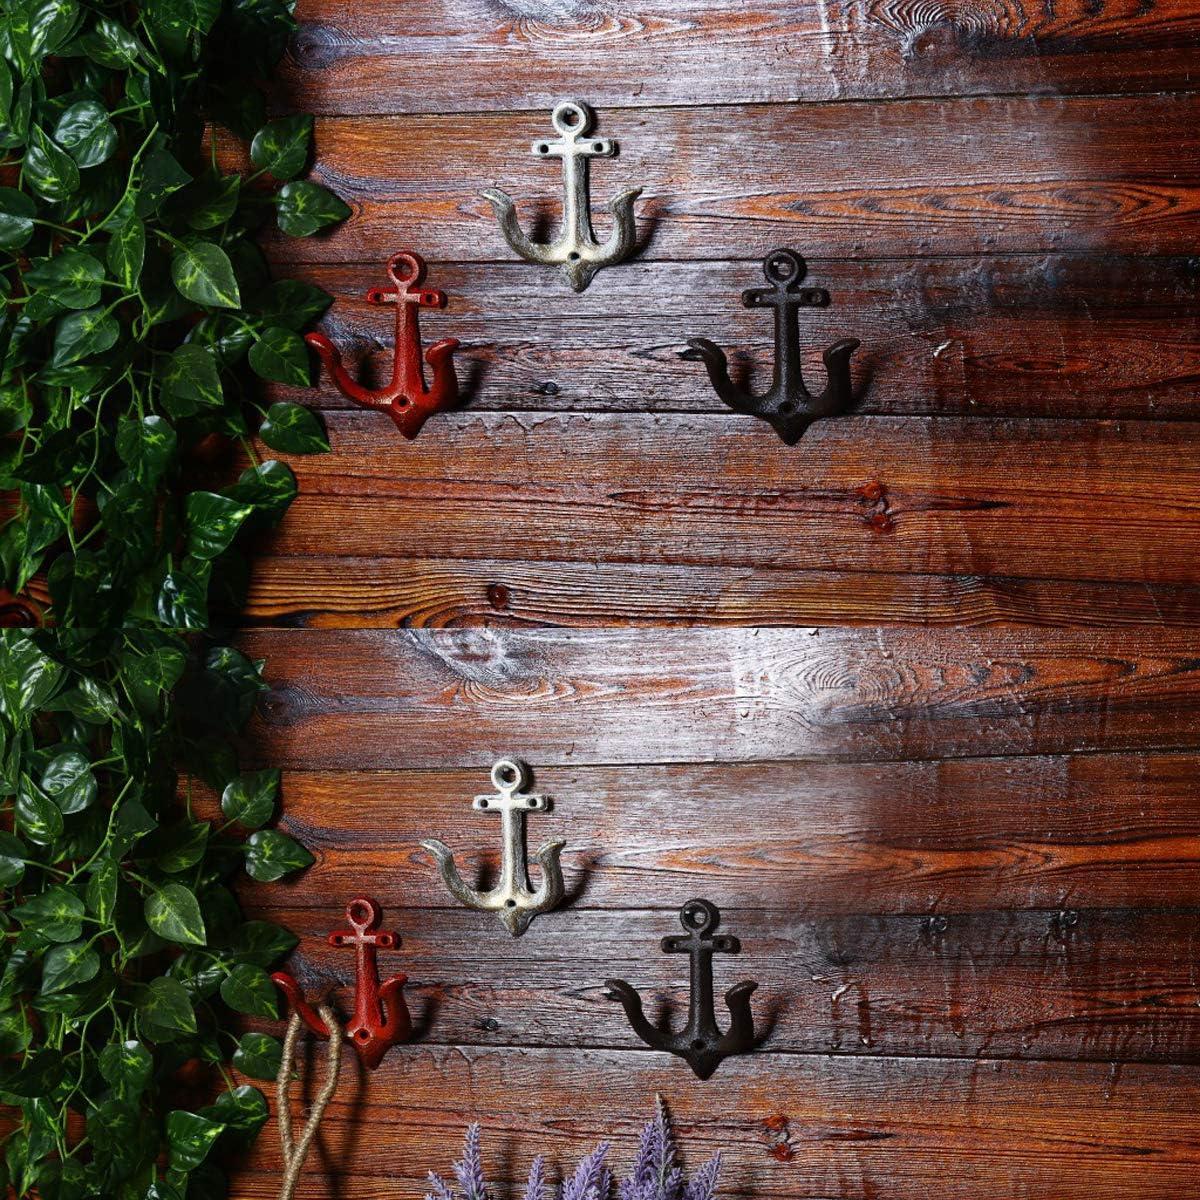 4er Set TentHome 4er-Set Maritime Dekoration Garderobe Antik Gusseisen Wandhaken Kleiderhaken Garderobenhaken Anker Doppelhaken Wandgarderobe Vintage Garten Haken